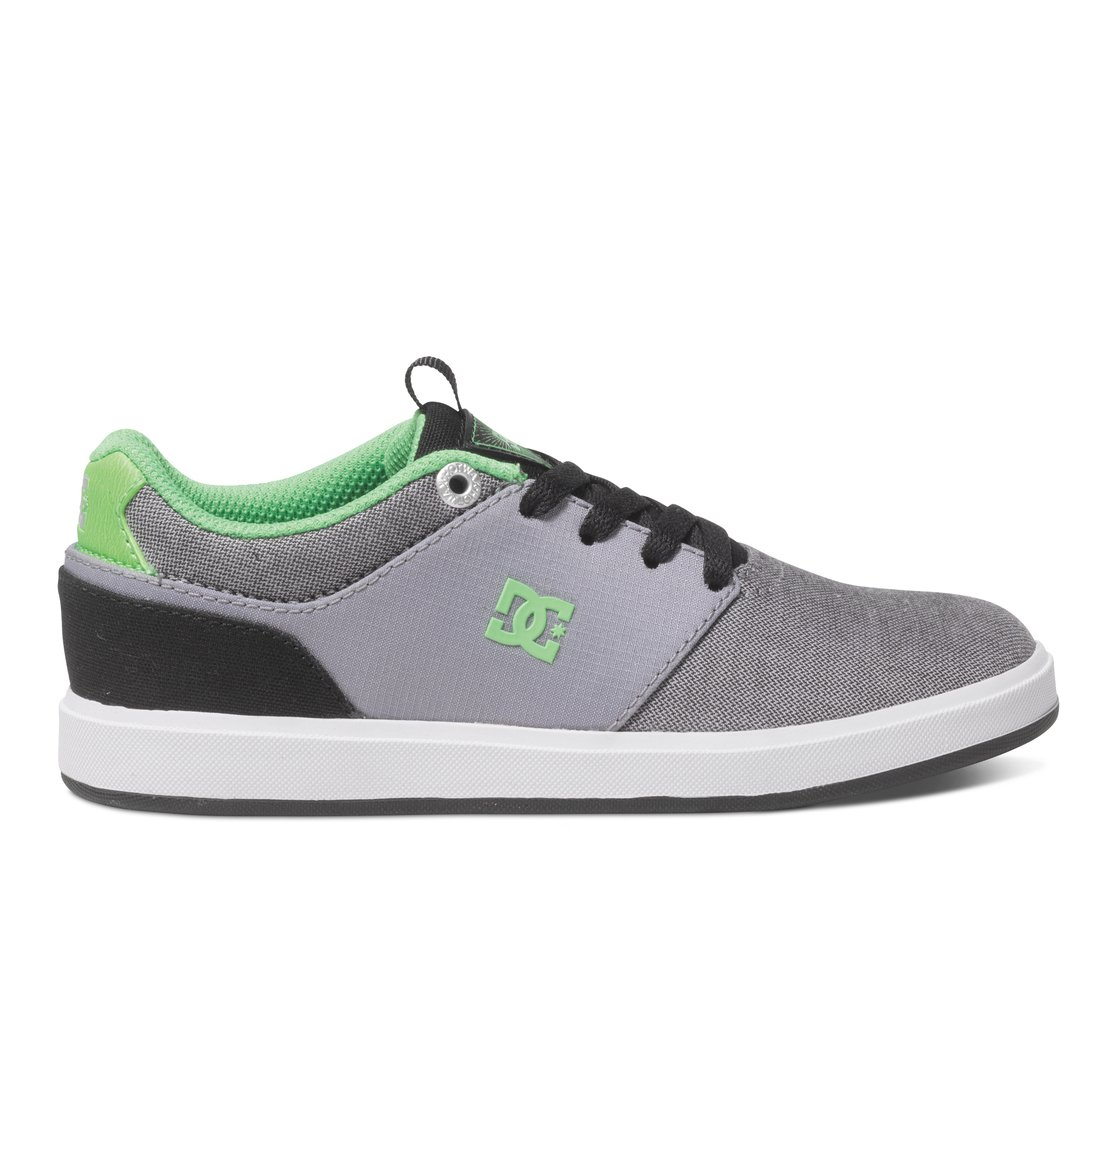 Cole Signature TX SE - Low-Top Shoes от DC Shoes